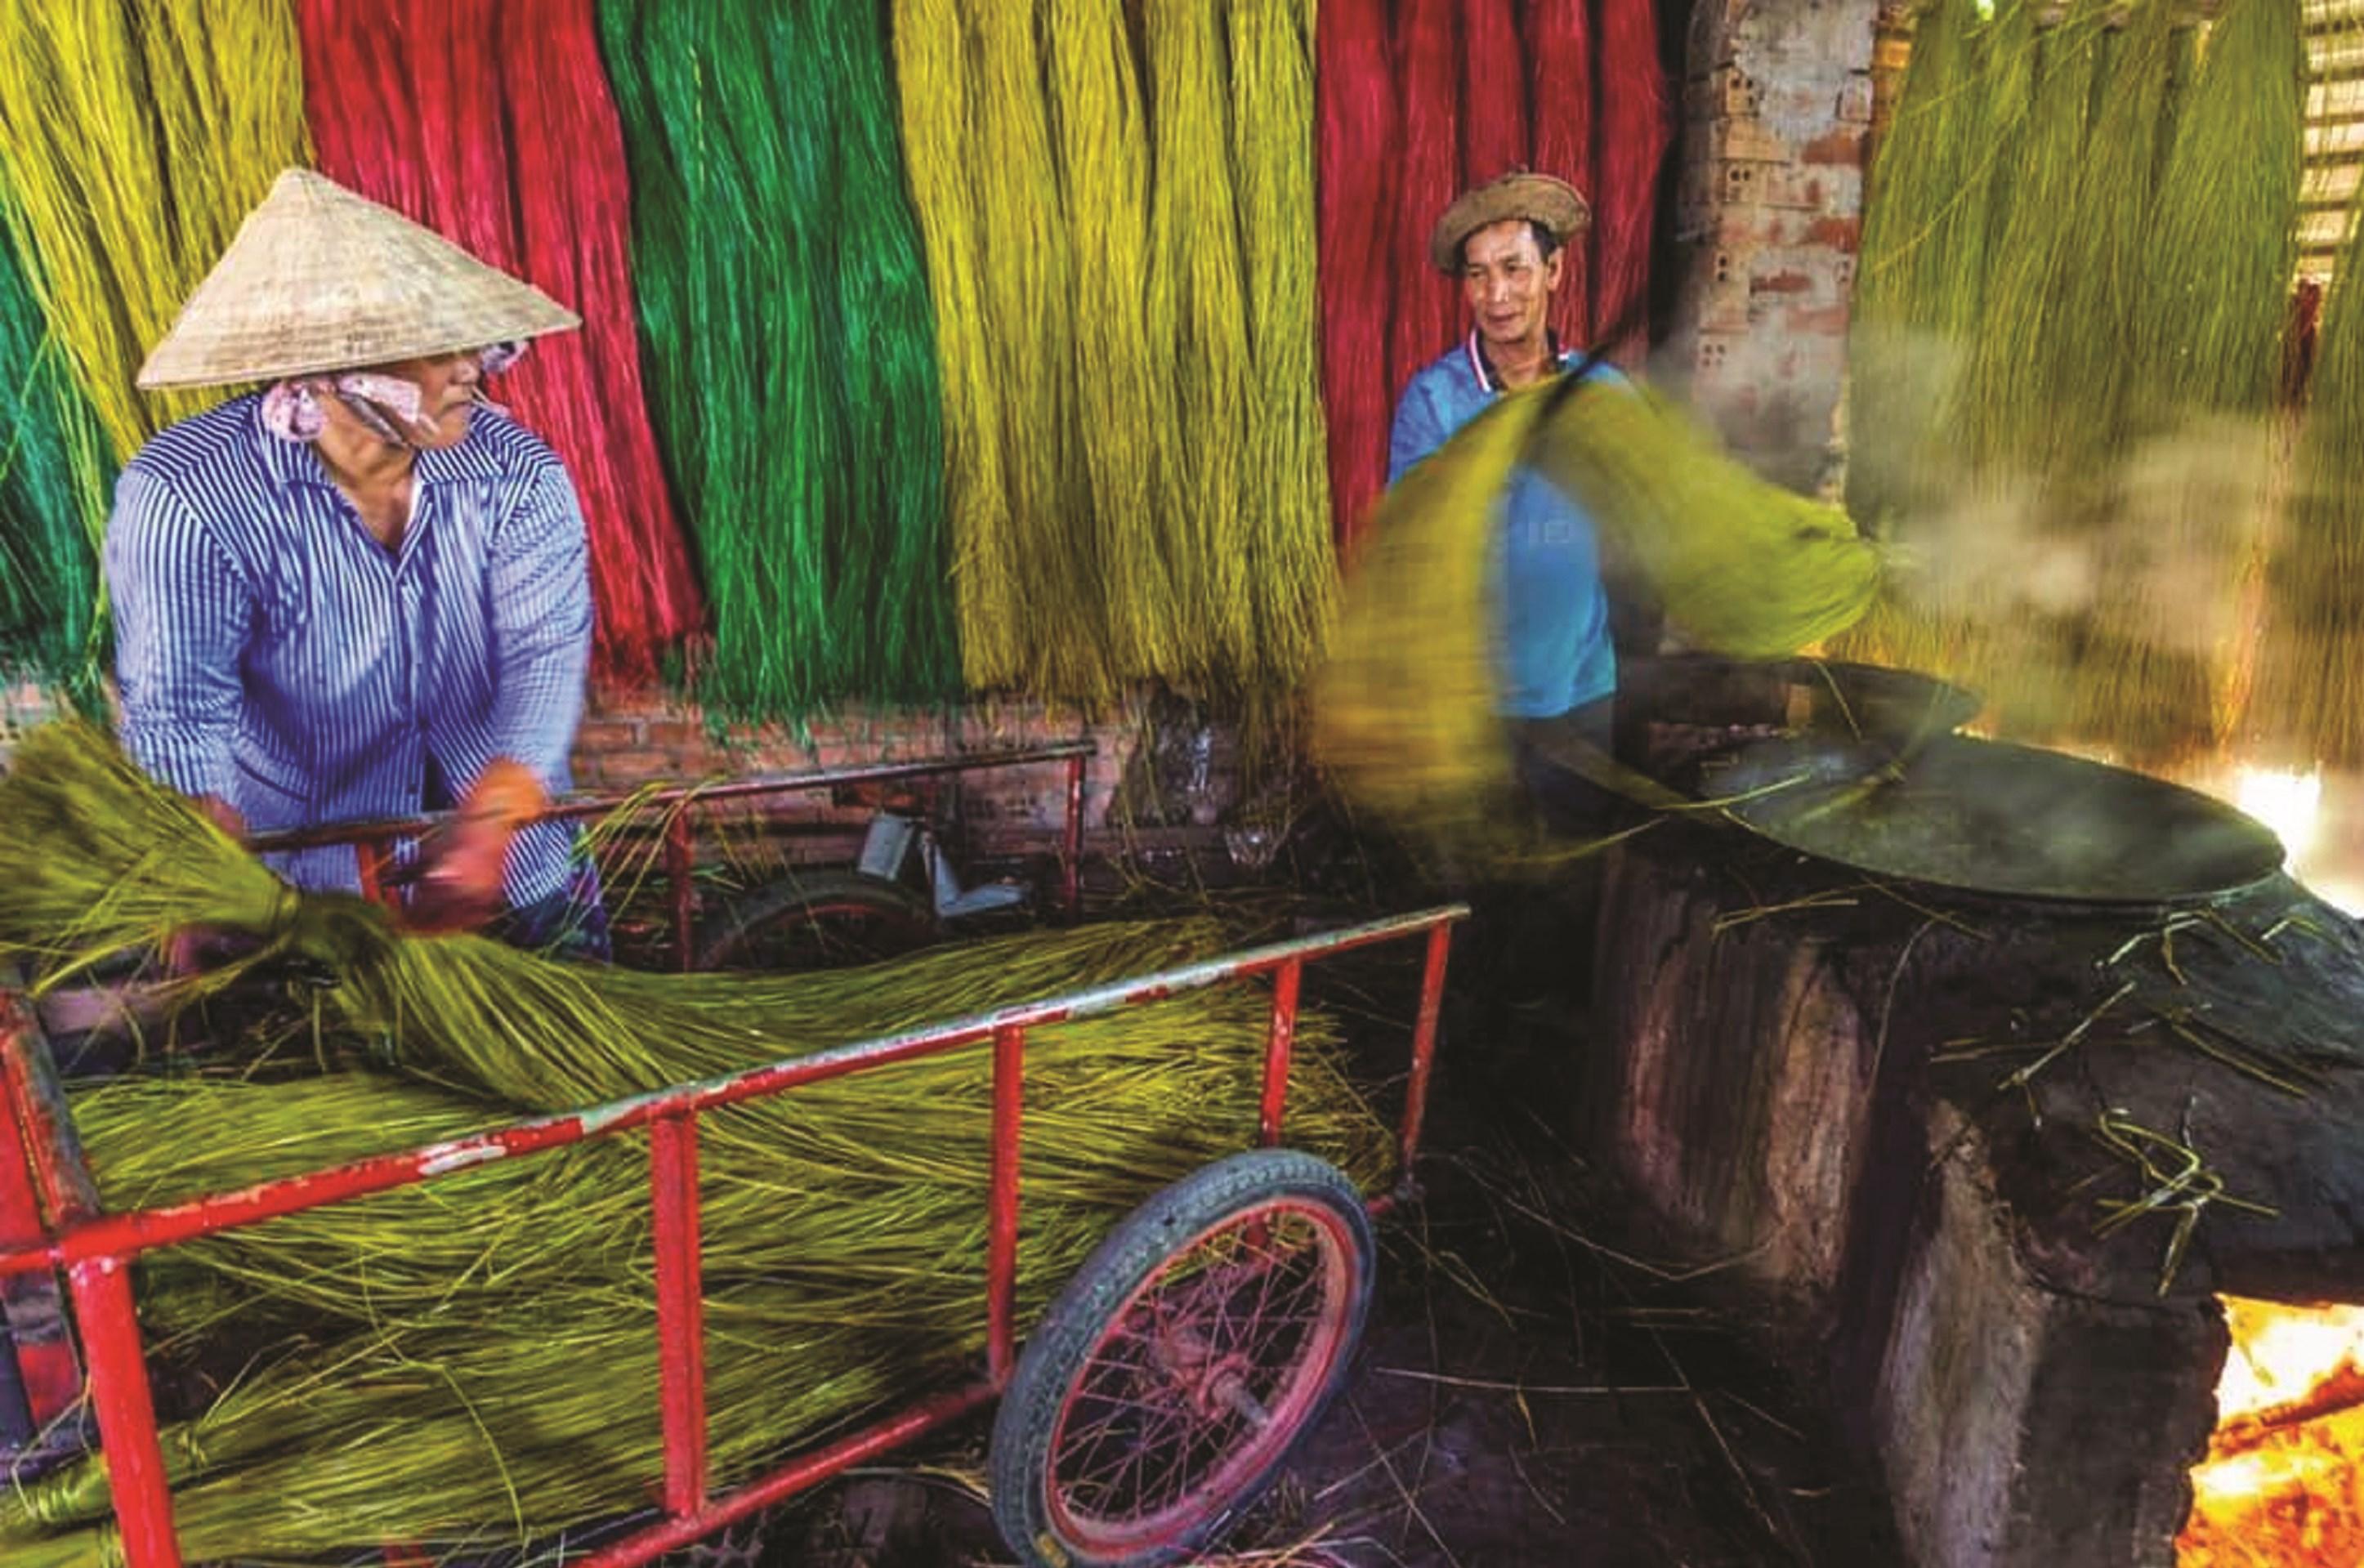 Người dân thôn Đông Bình nhuộm cói và phơi cói để làm chiếu